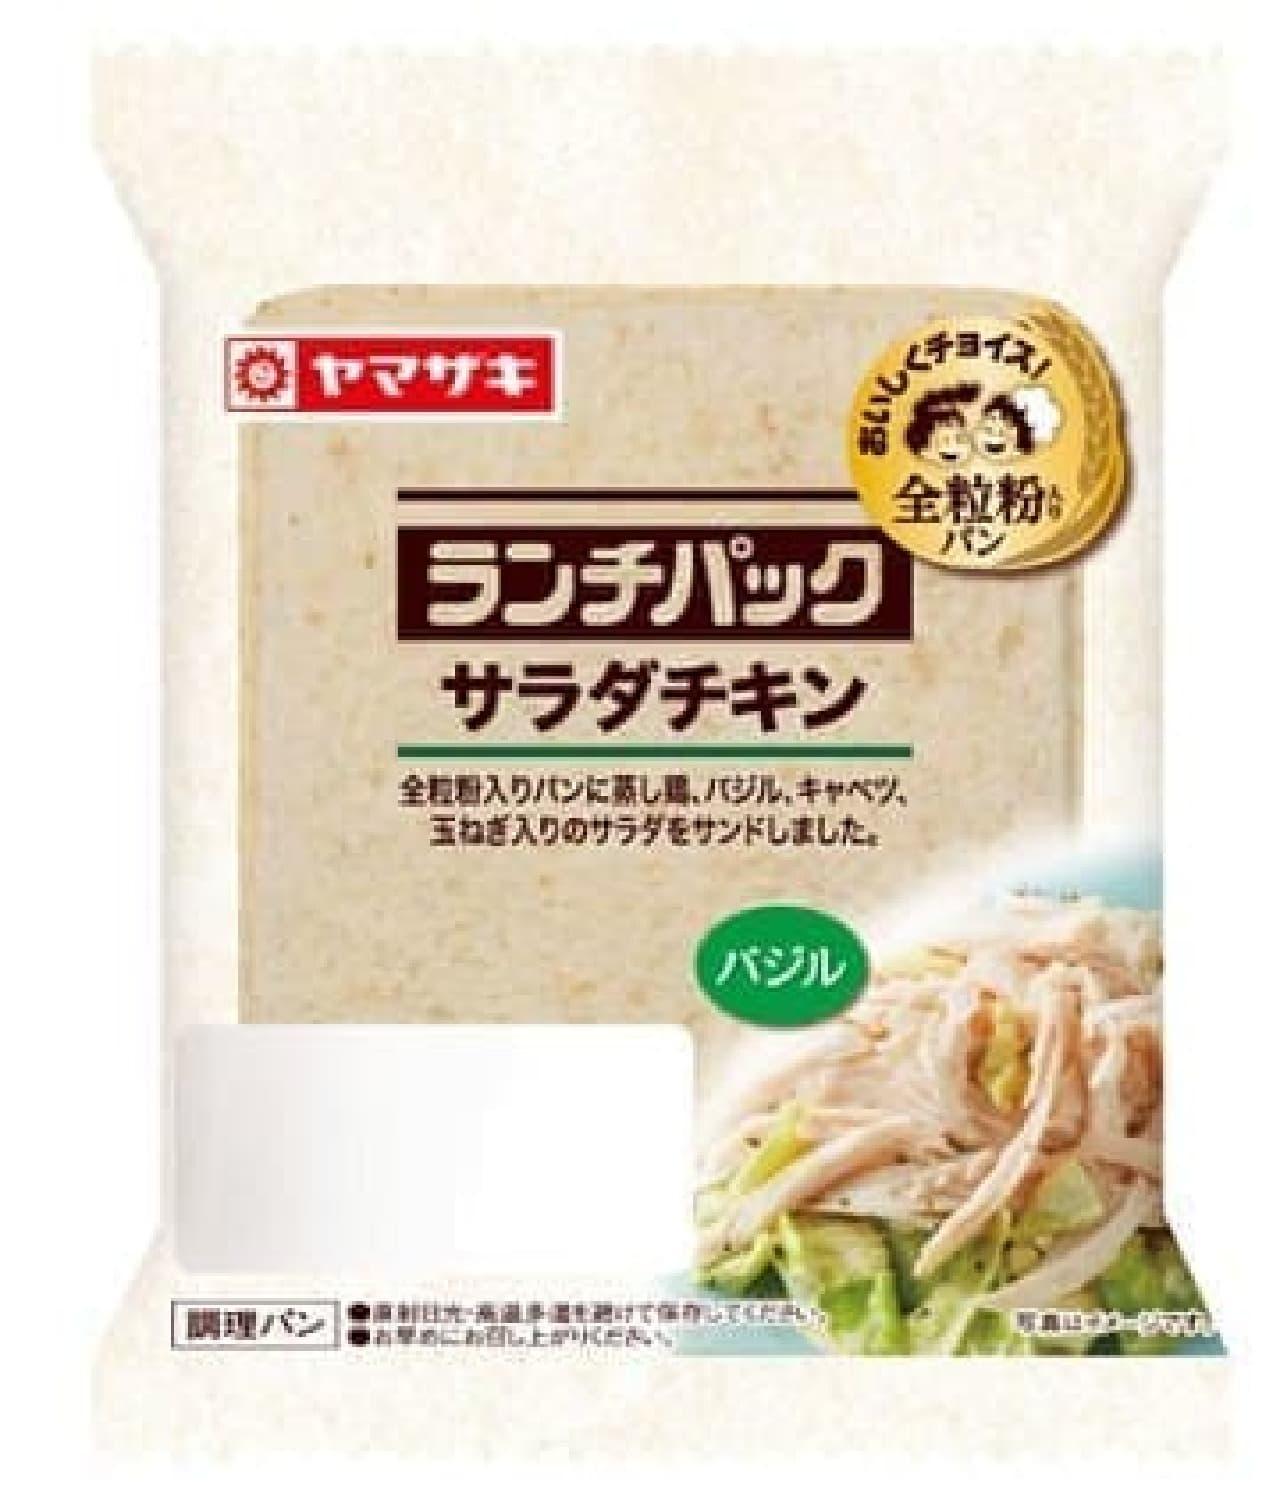 山崎製パン「ランチパック(サラダチキン)全粒粉入りパン」